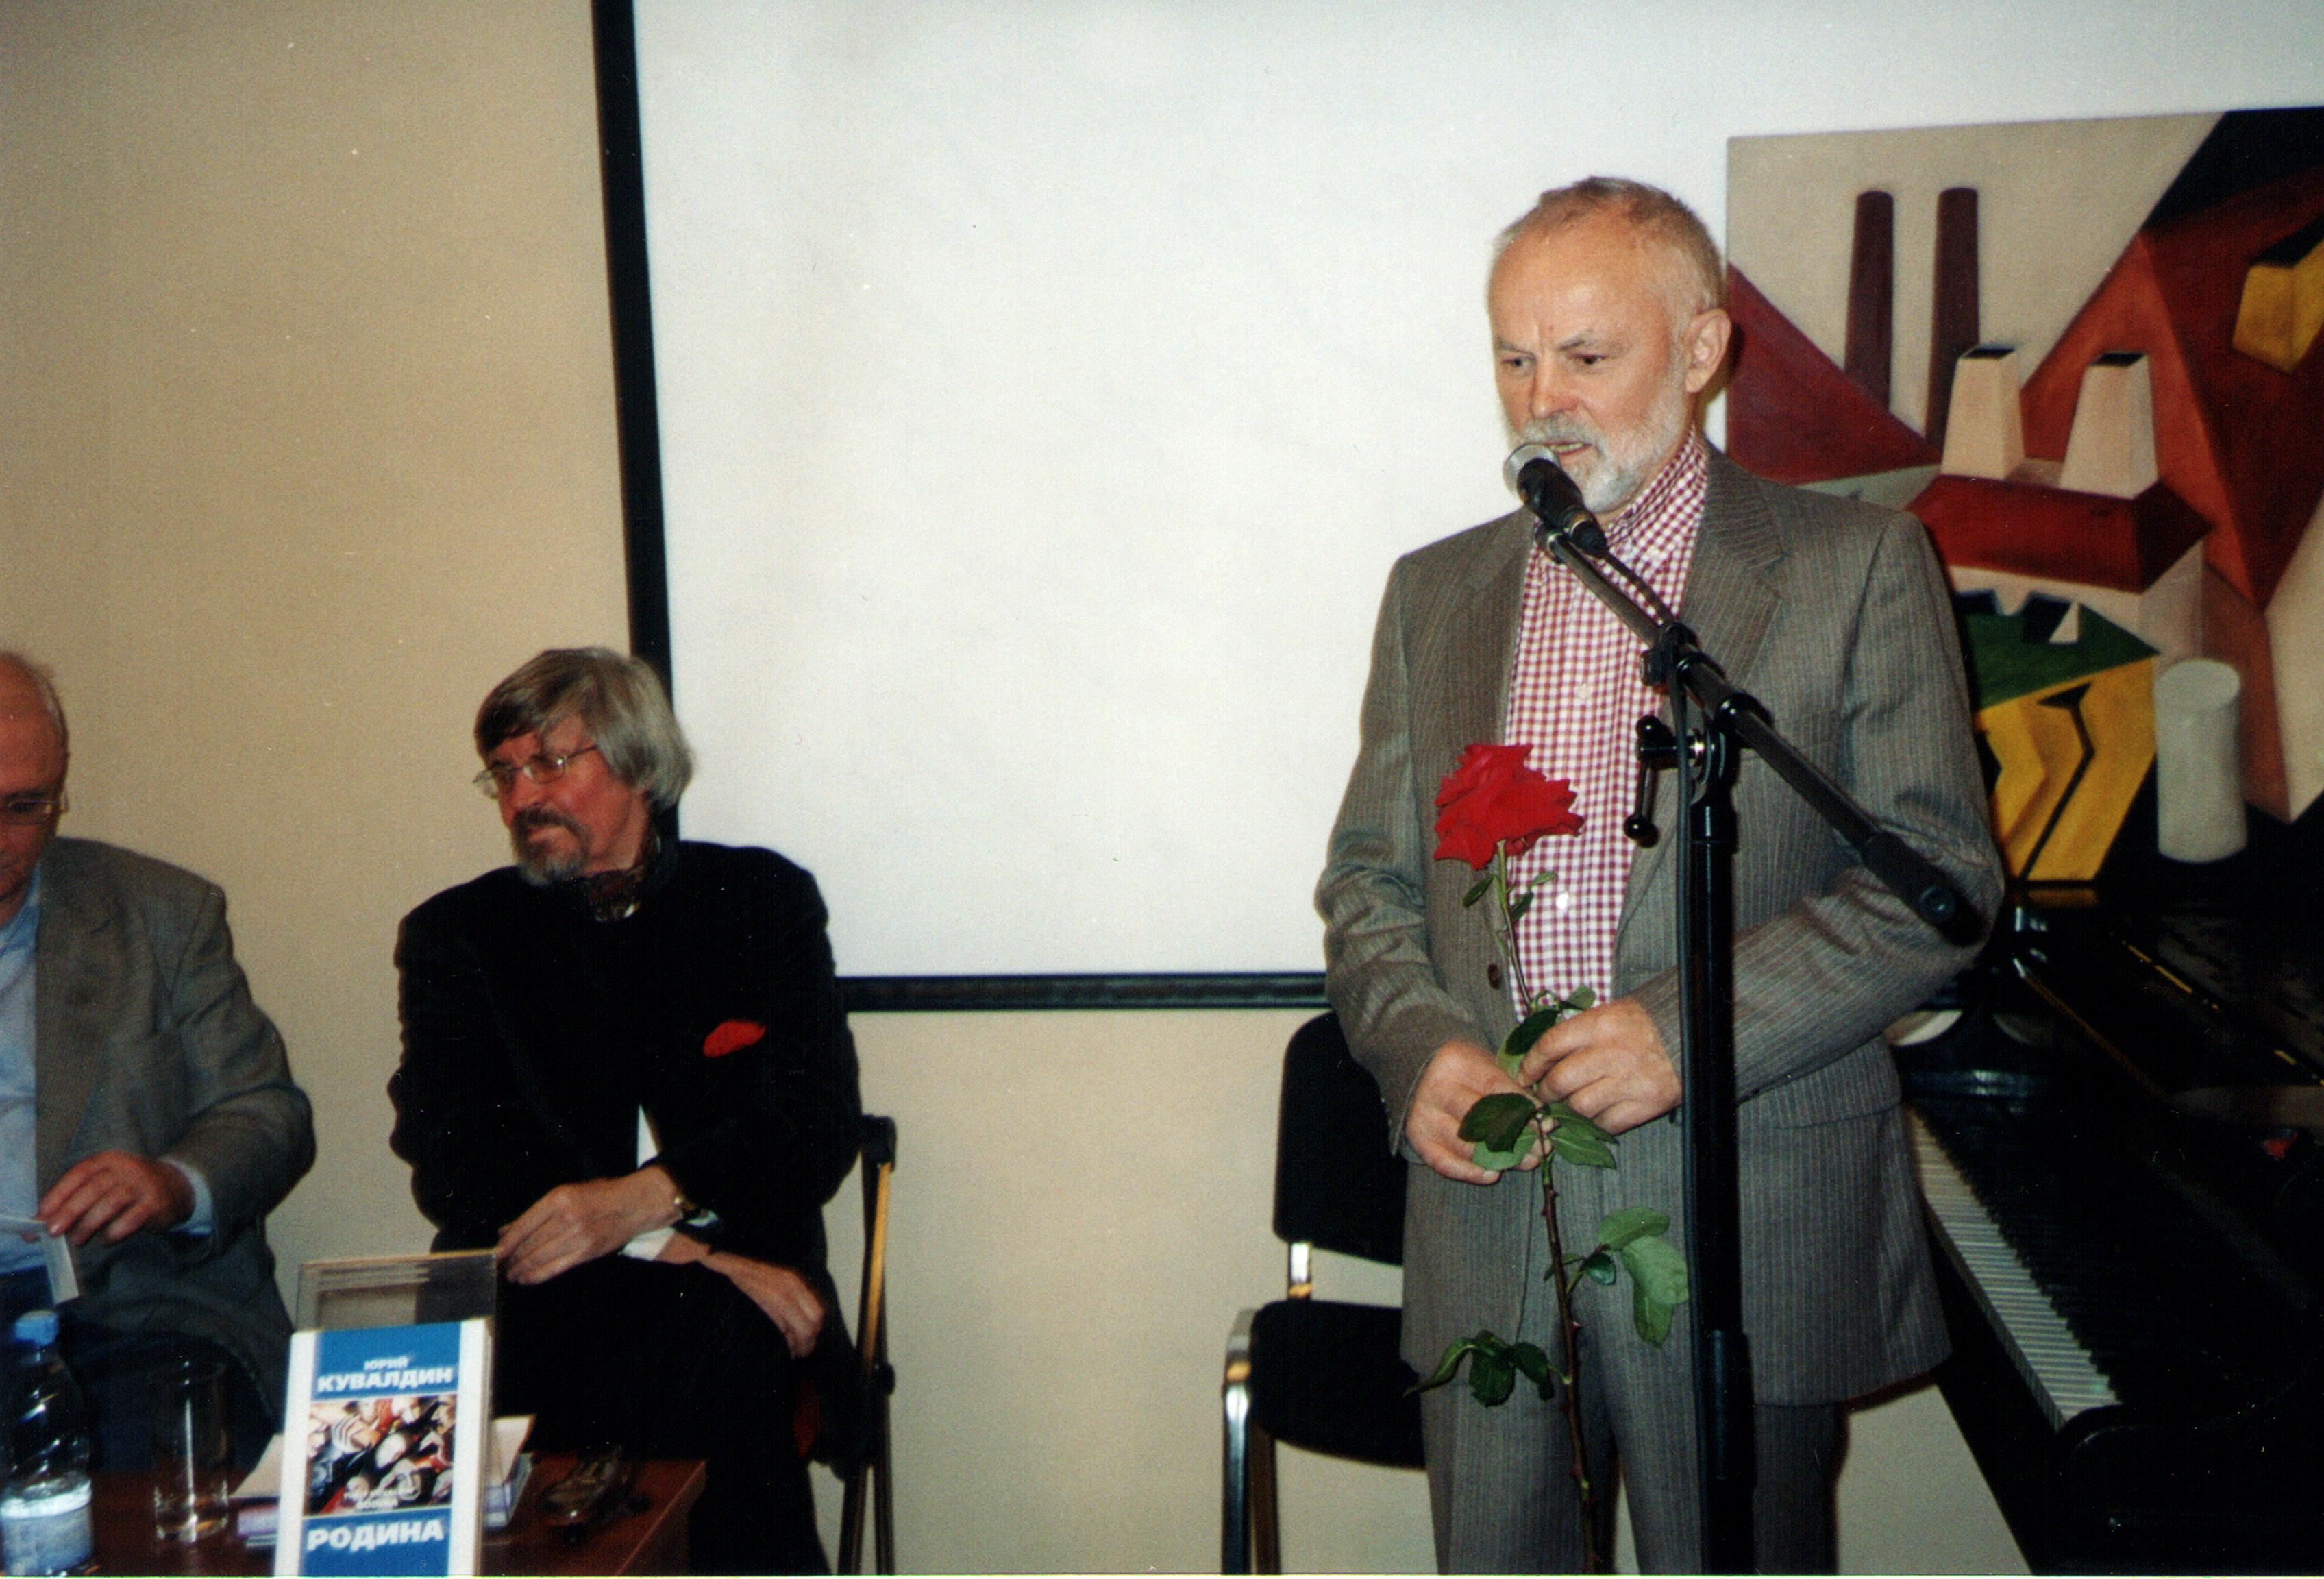 buynachev-vladimir-fond-solzh-2005